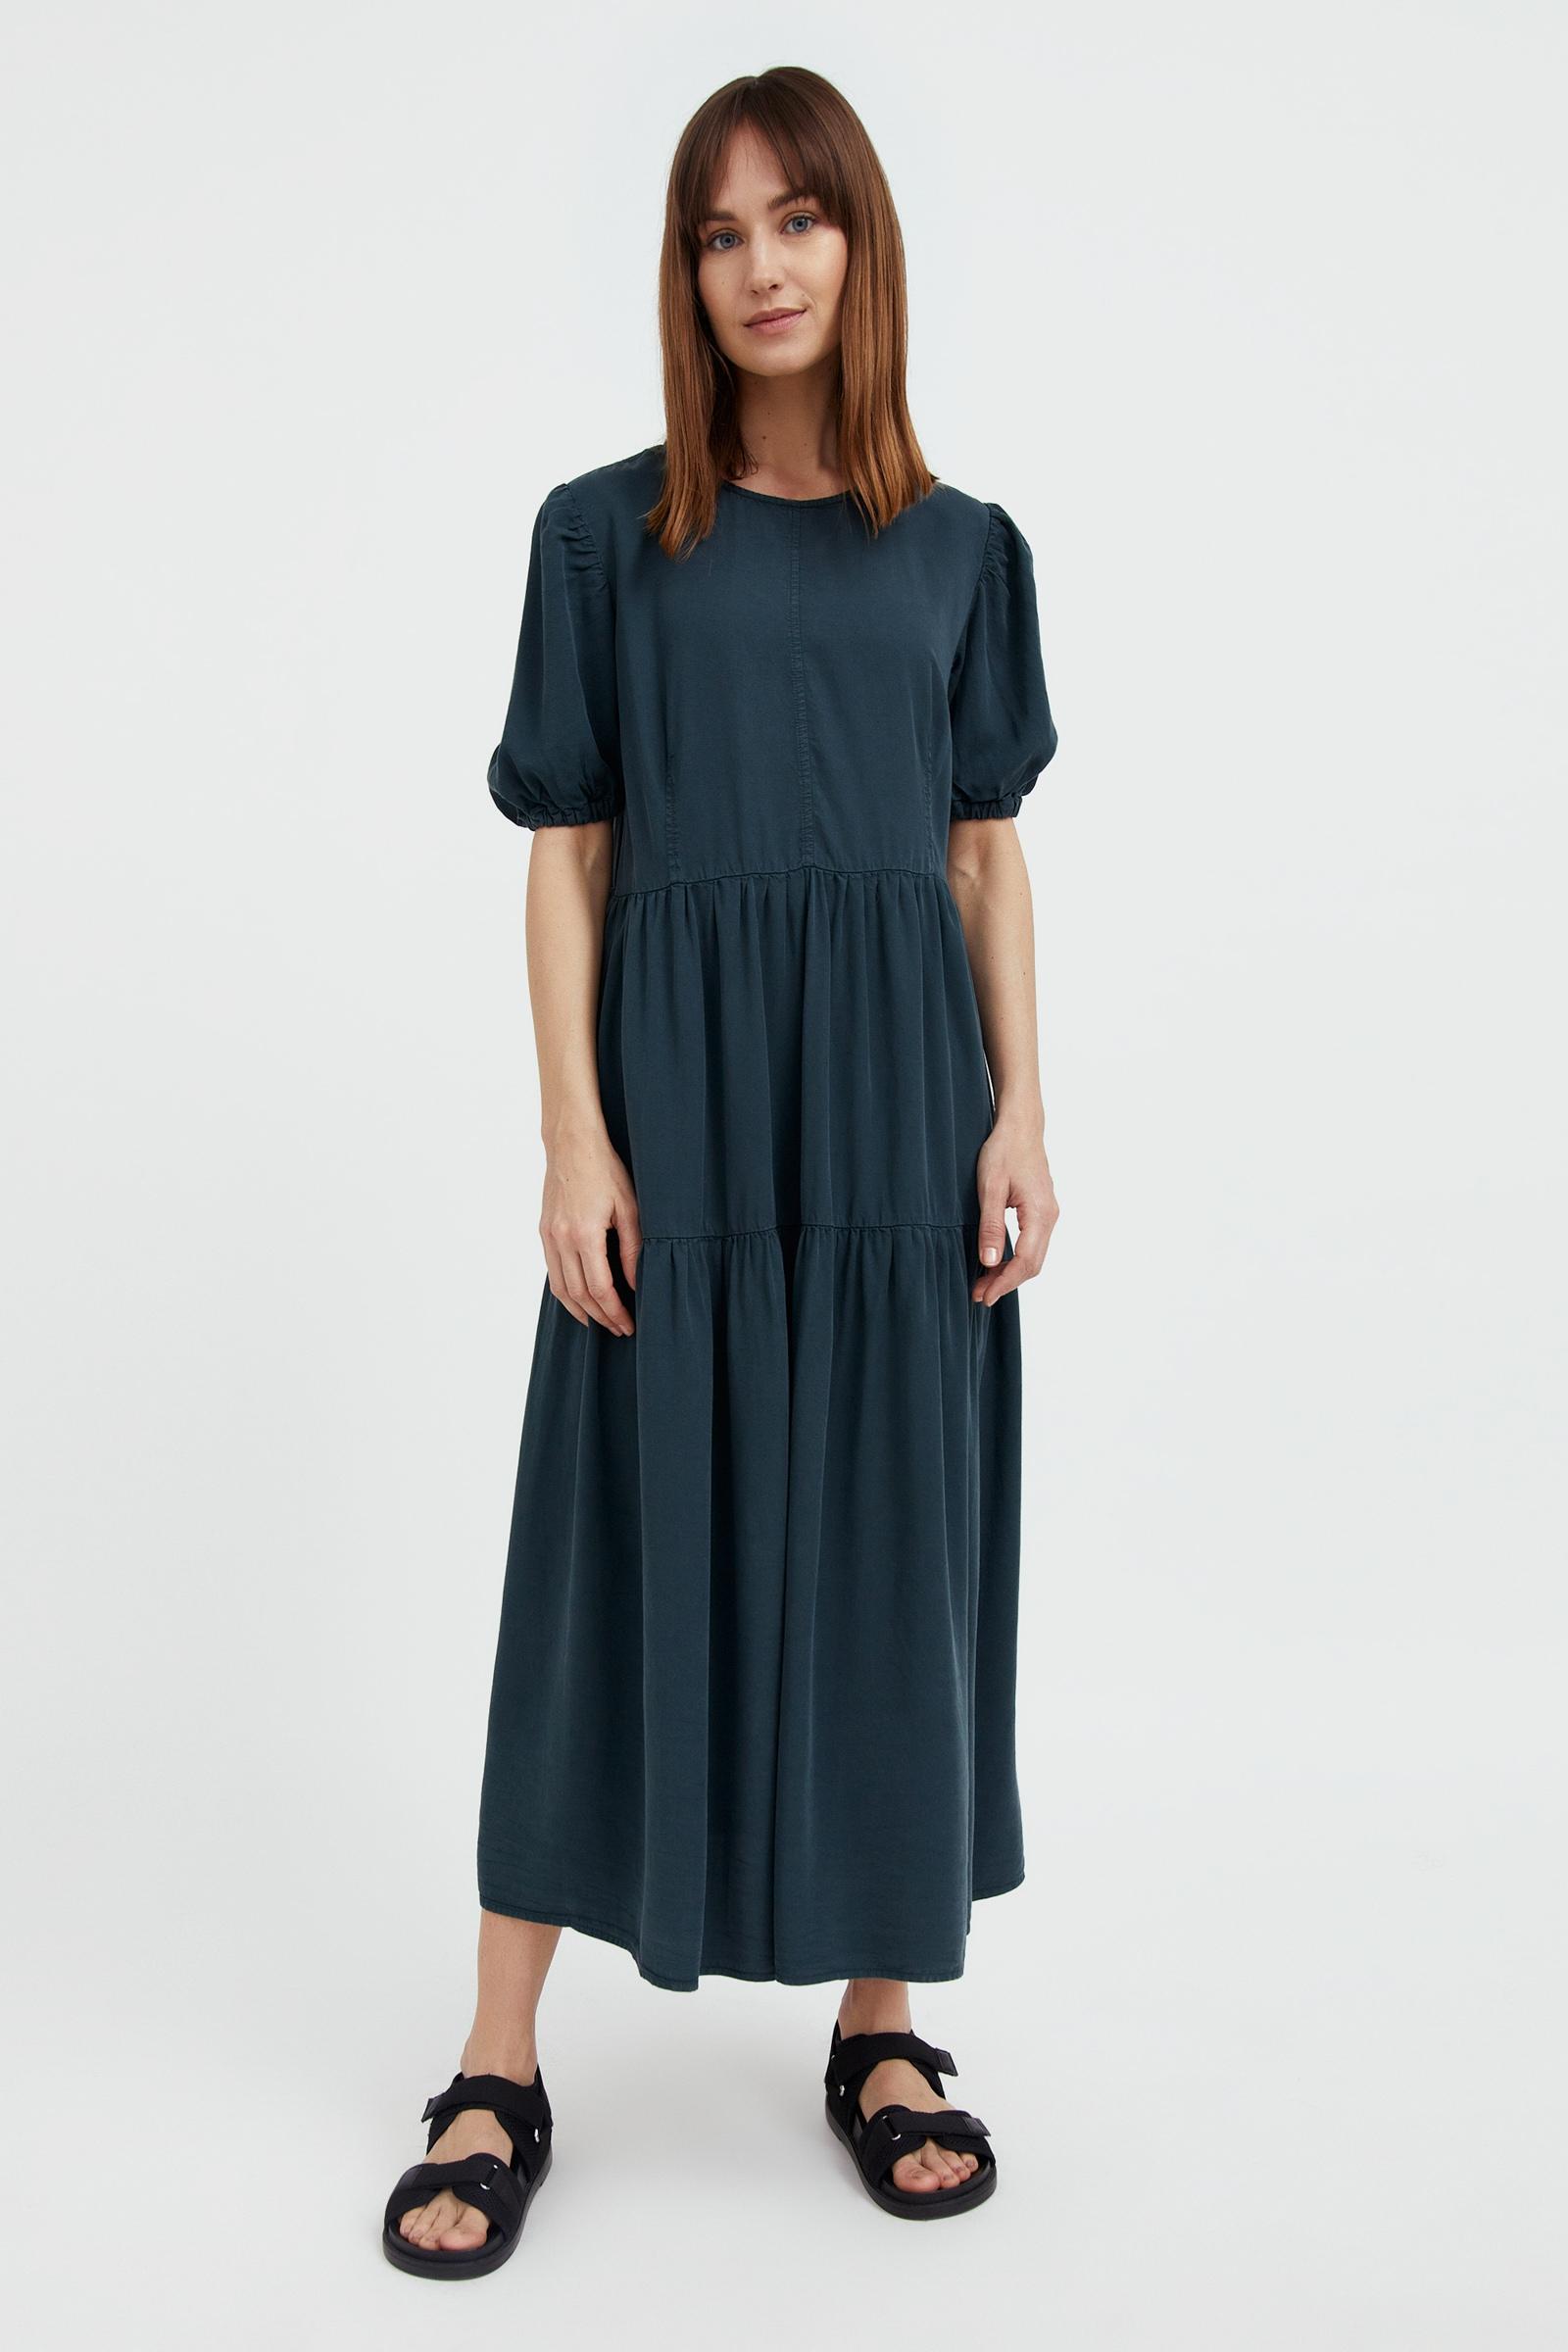 finn flare -  Jeanskleid, mit ausgestelltem Schnitt